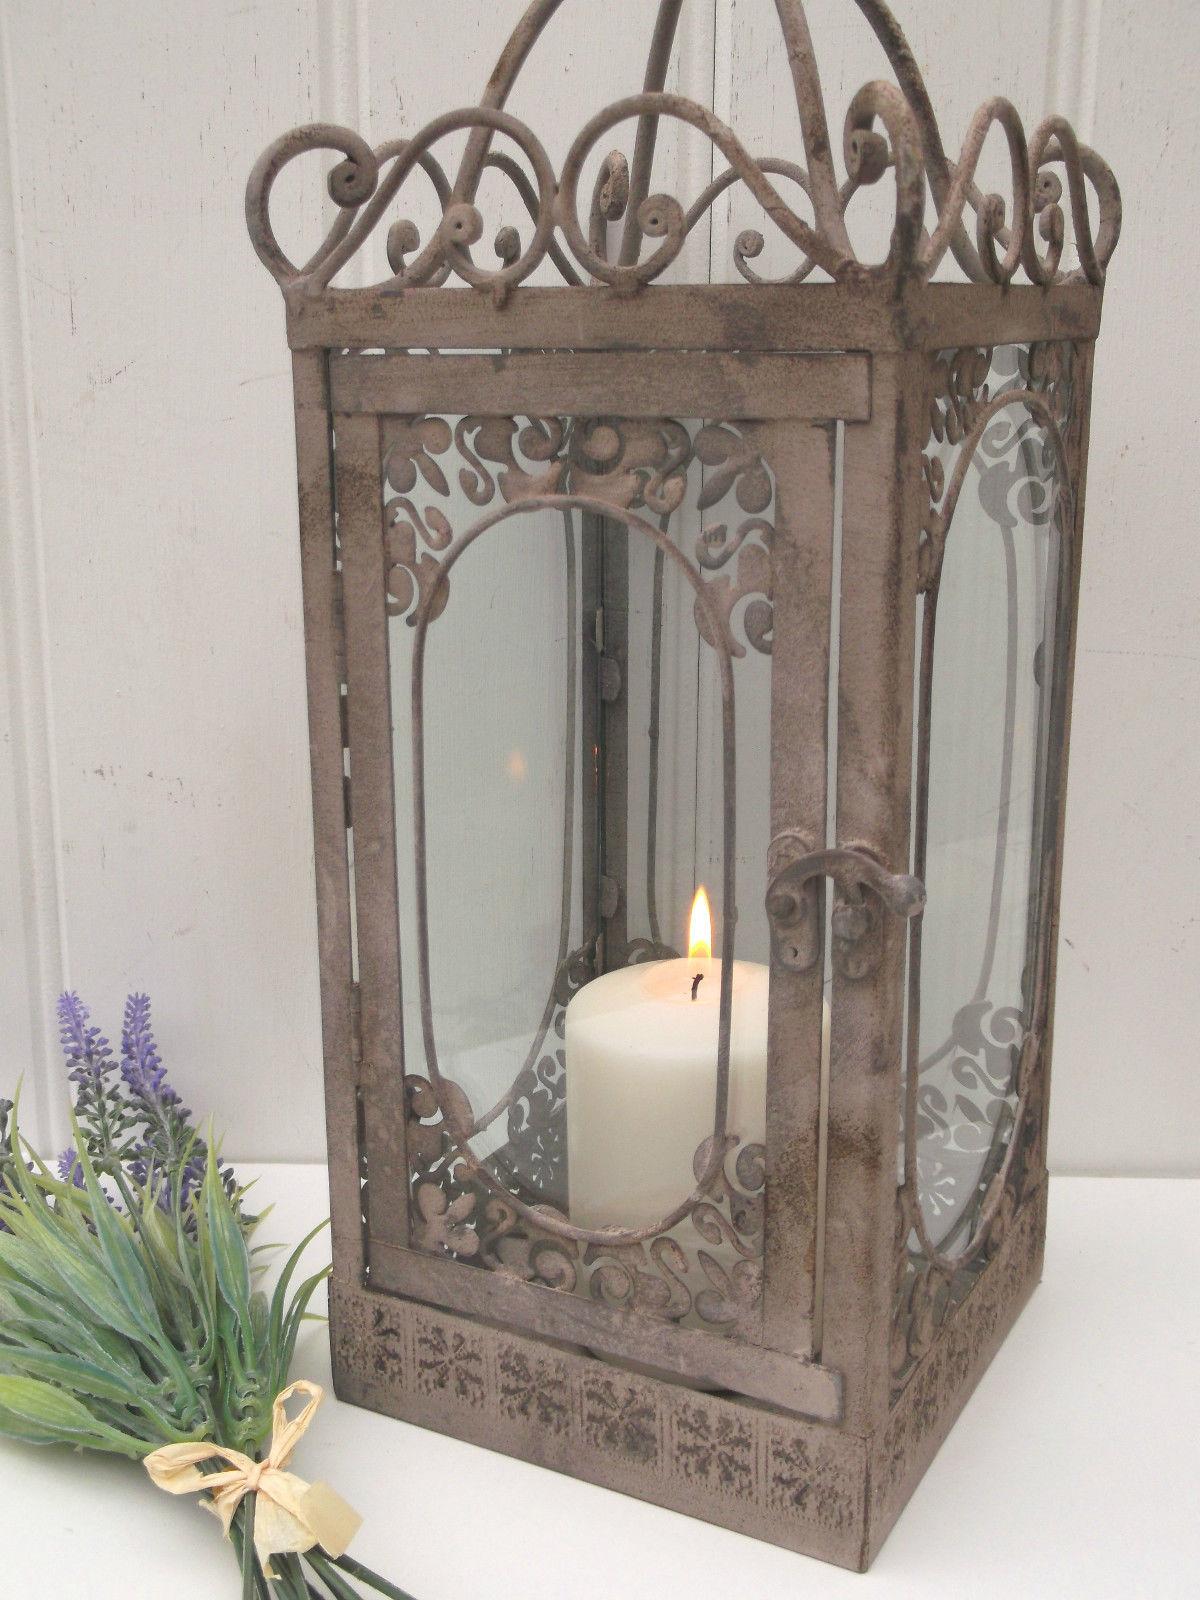 Vintage Style French Grey Large Lantern Candle Holder